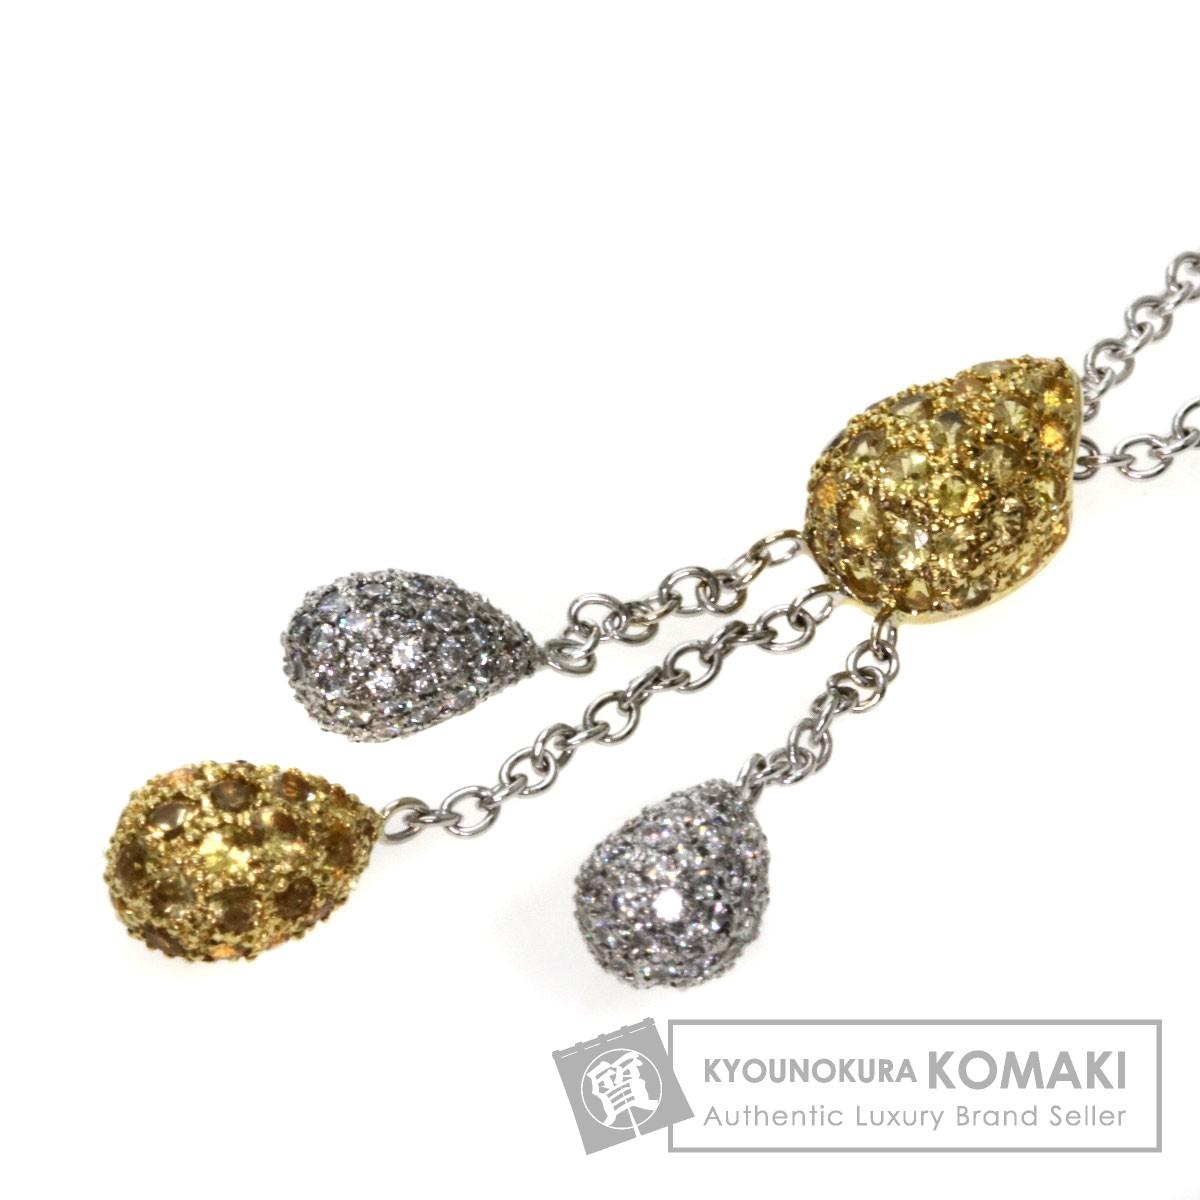 Queen イエローサファイア/ダイヤモンド ネックレス K18WG/K18YG レディース 【中古】【クイーン】